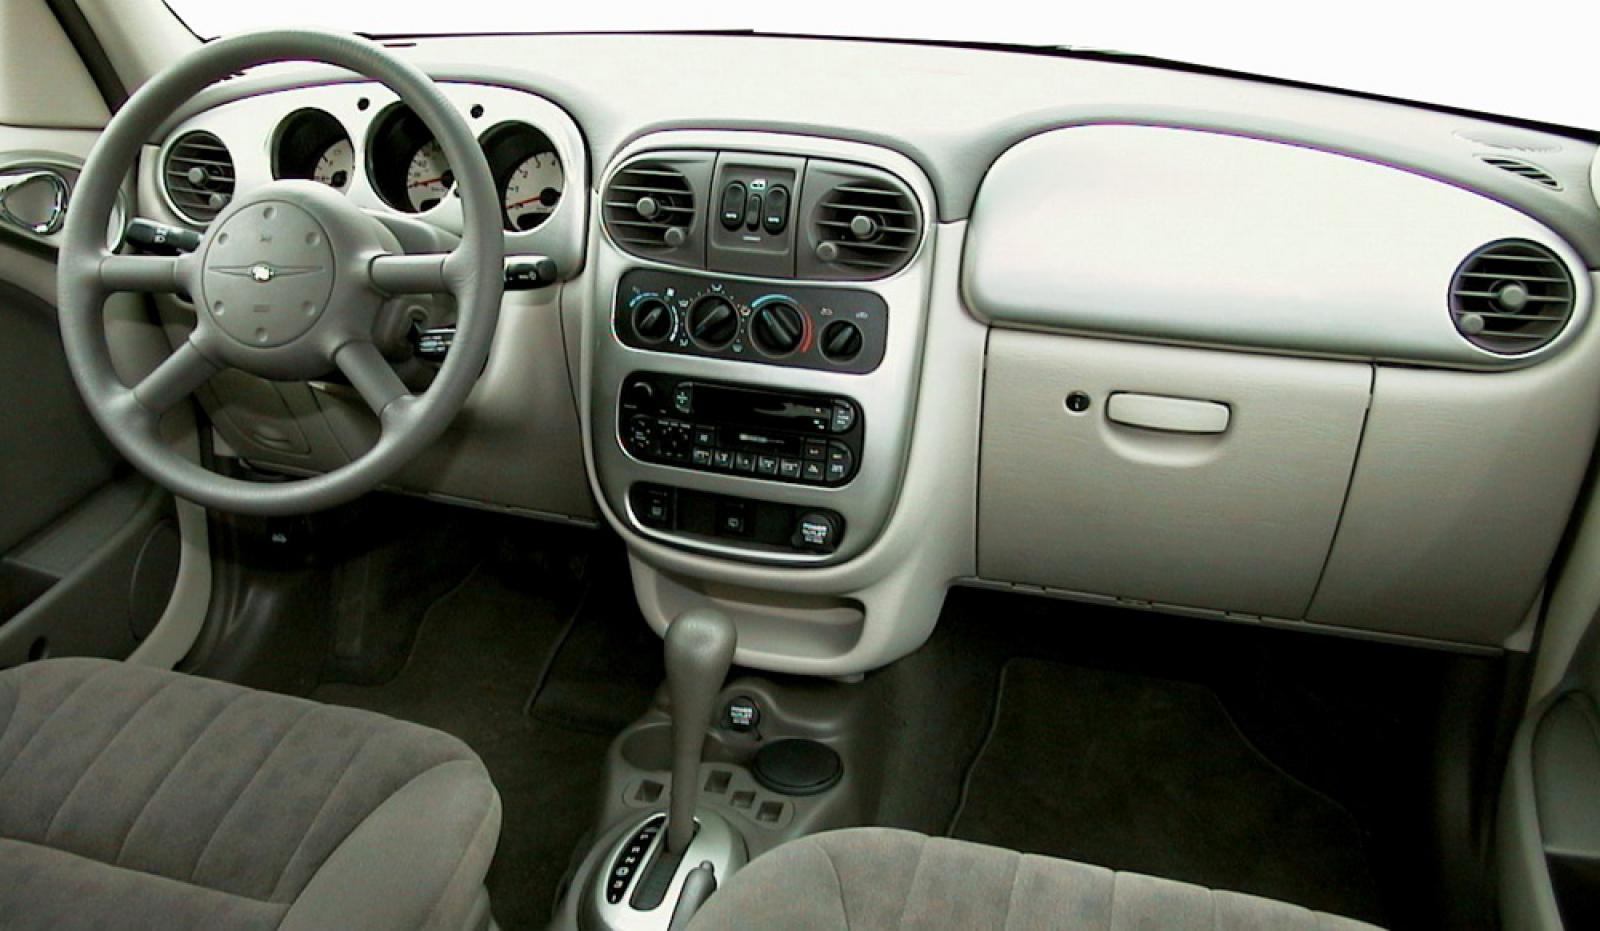 Tolle 2001 Chrysler Pt Cruiser Schaltplan Bilder - Der Schaltplan ...